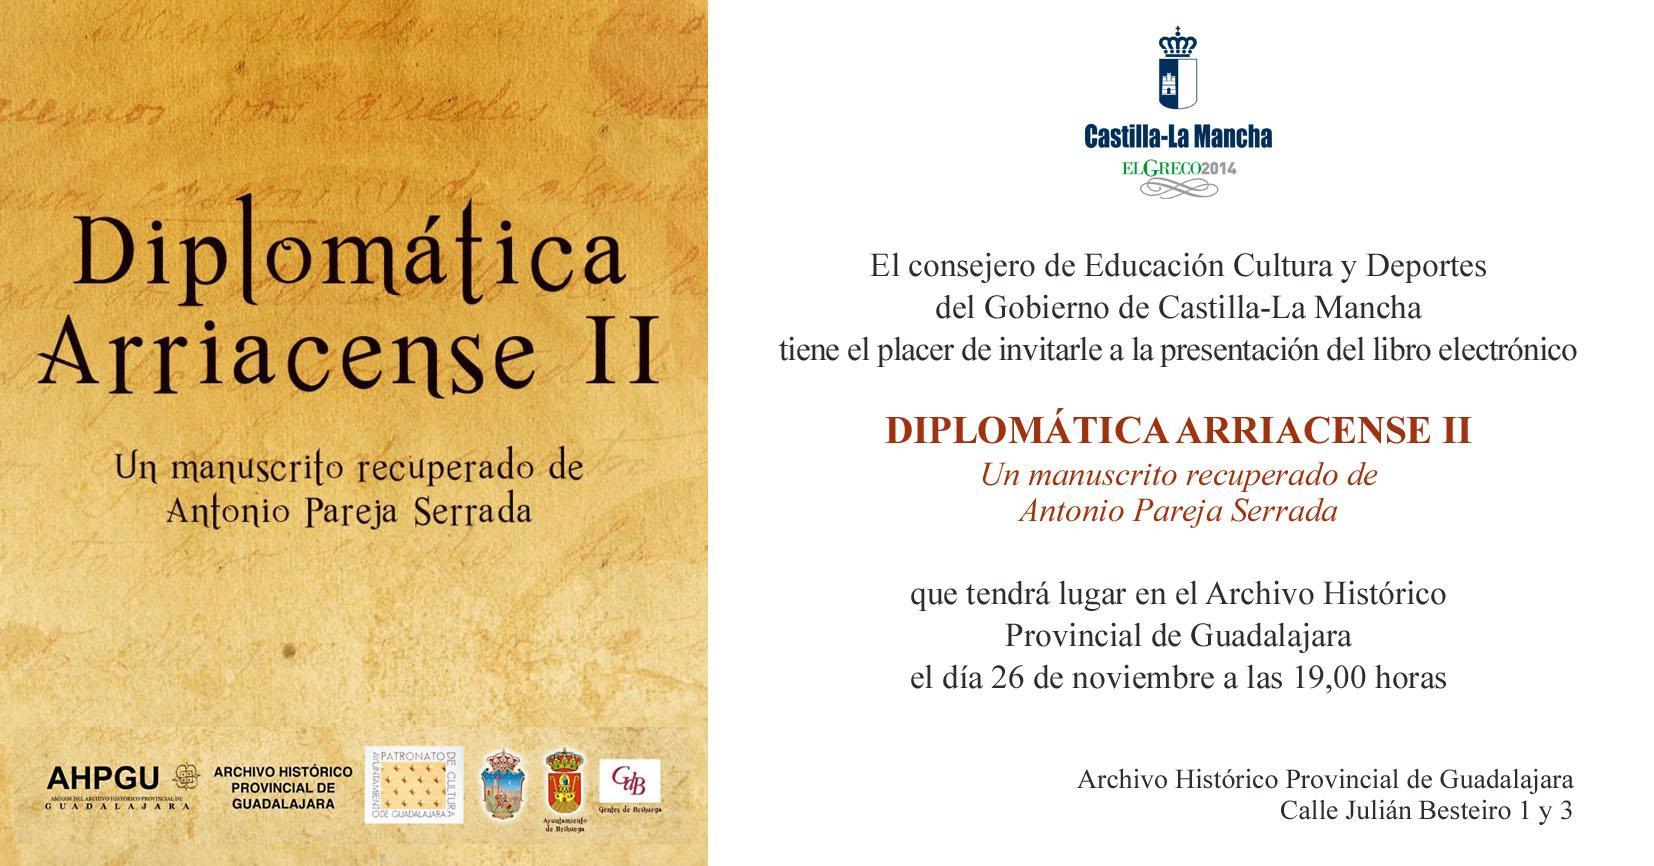 """El Archivo Histórico Provincial, escenario de la presentación del libro electrónico """"Diplomática Arriacense II"""""""